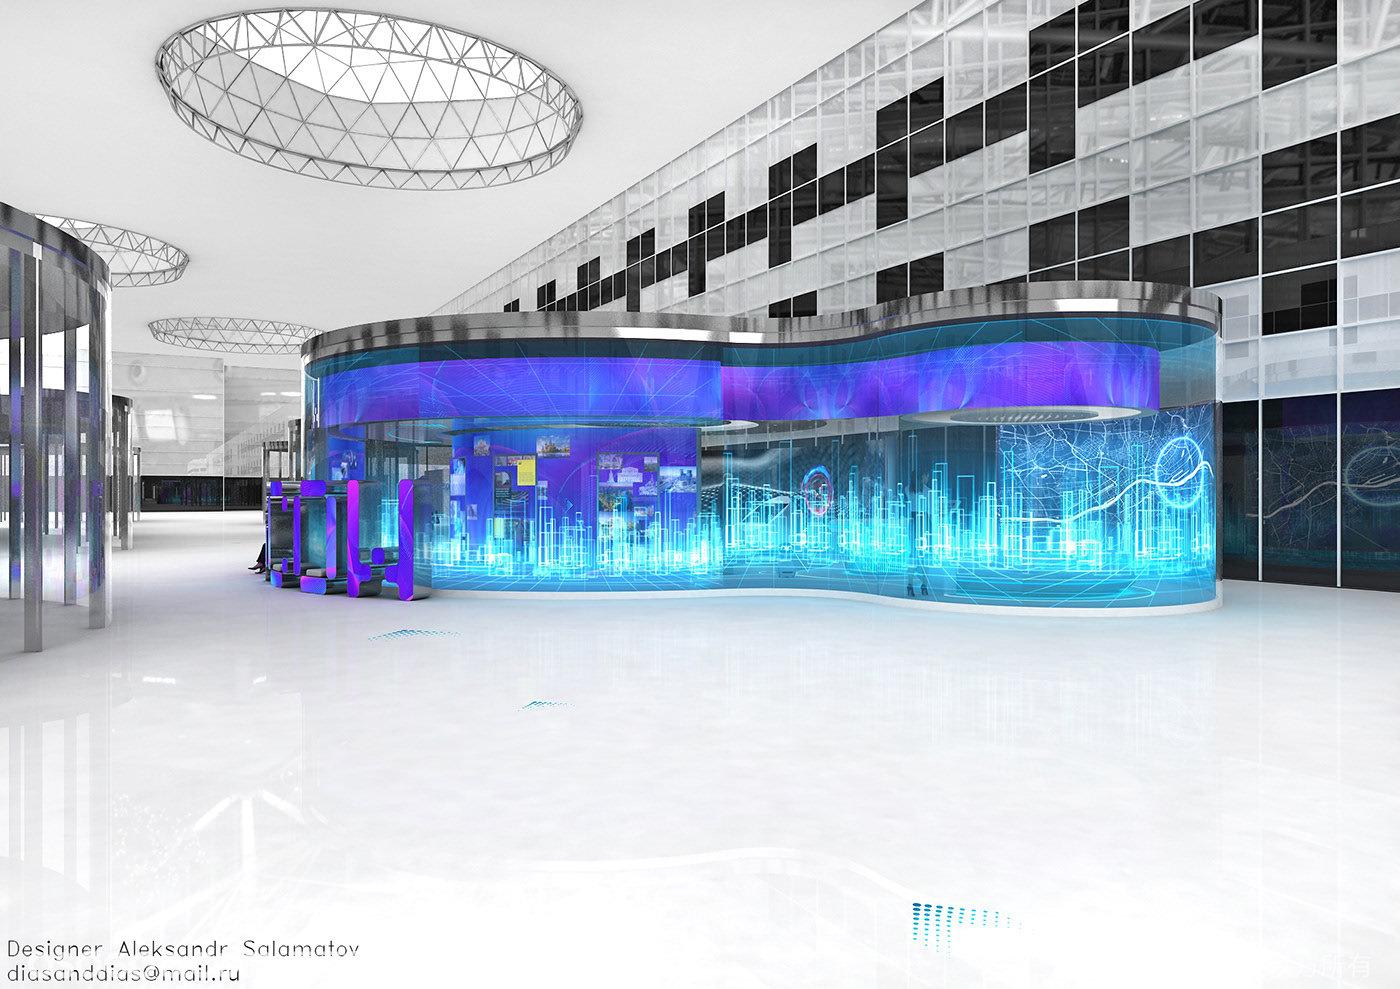 莫斯科展览馆